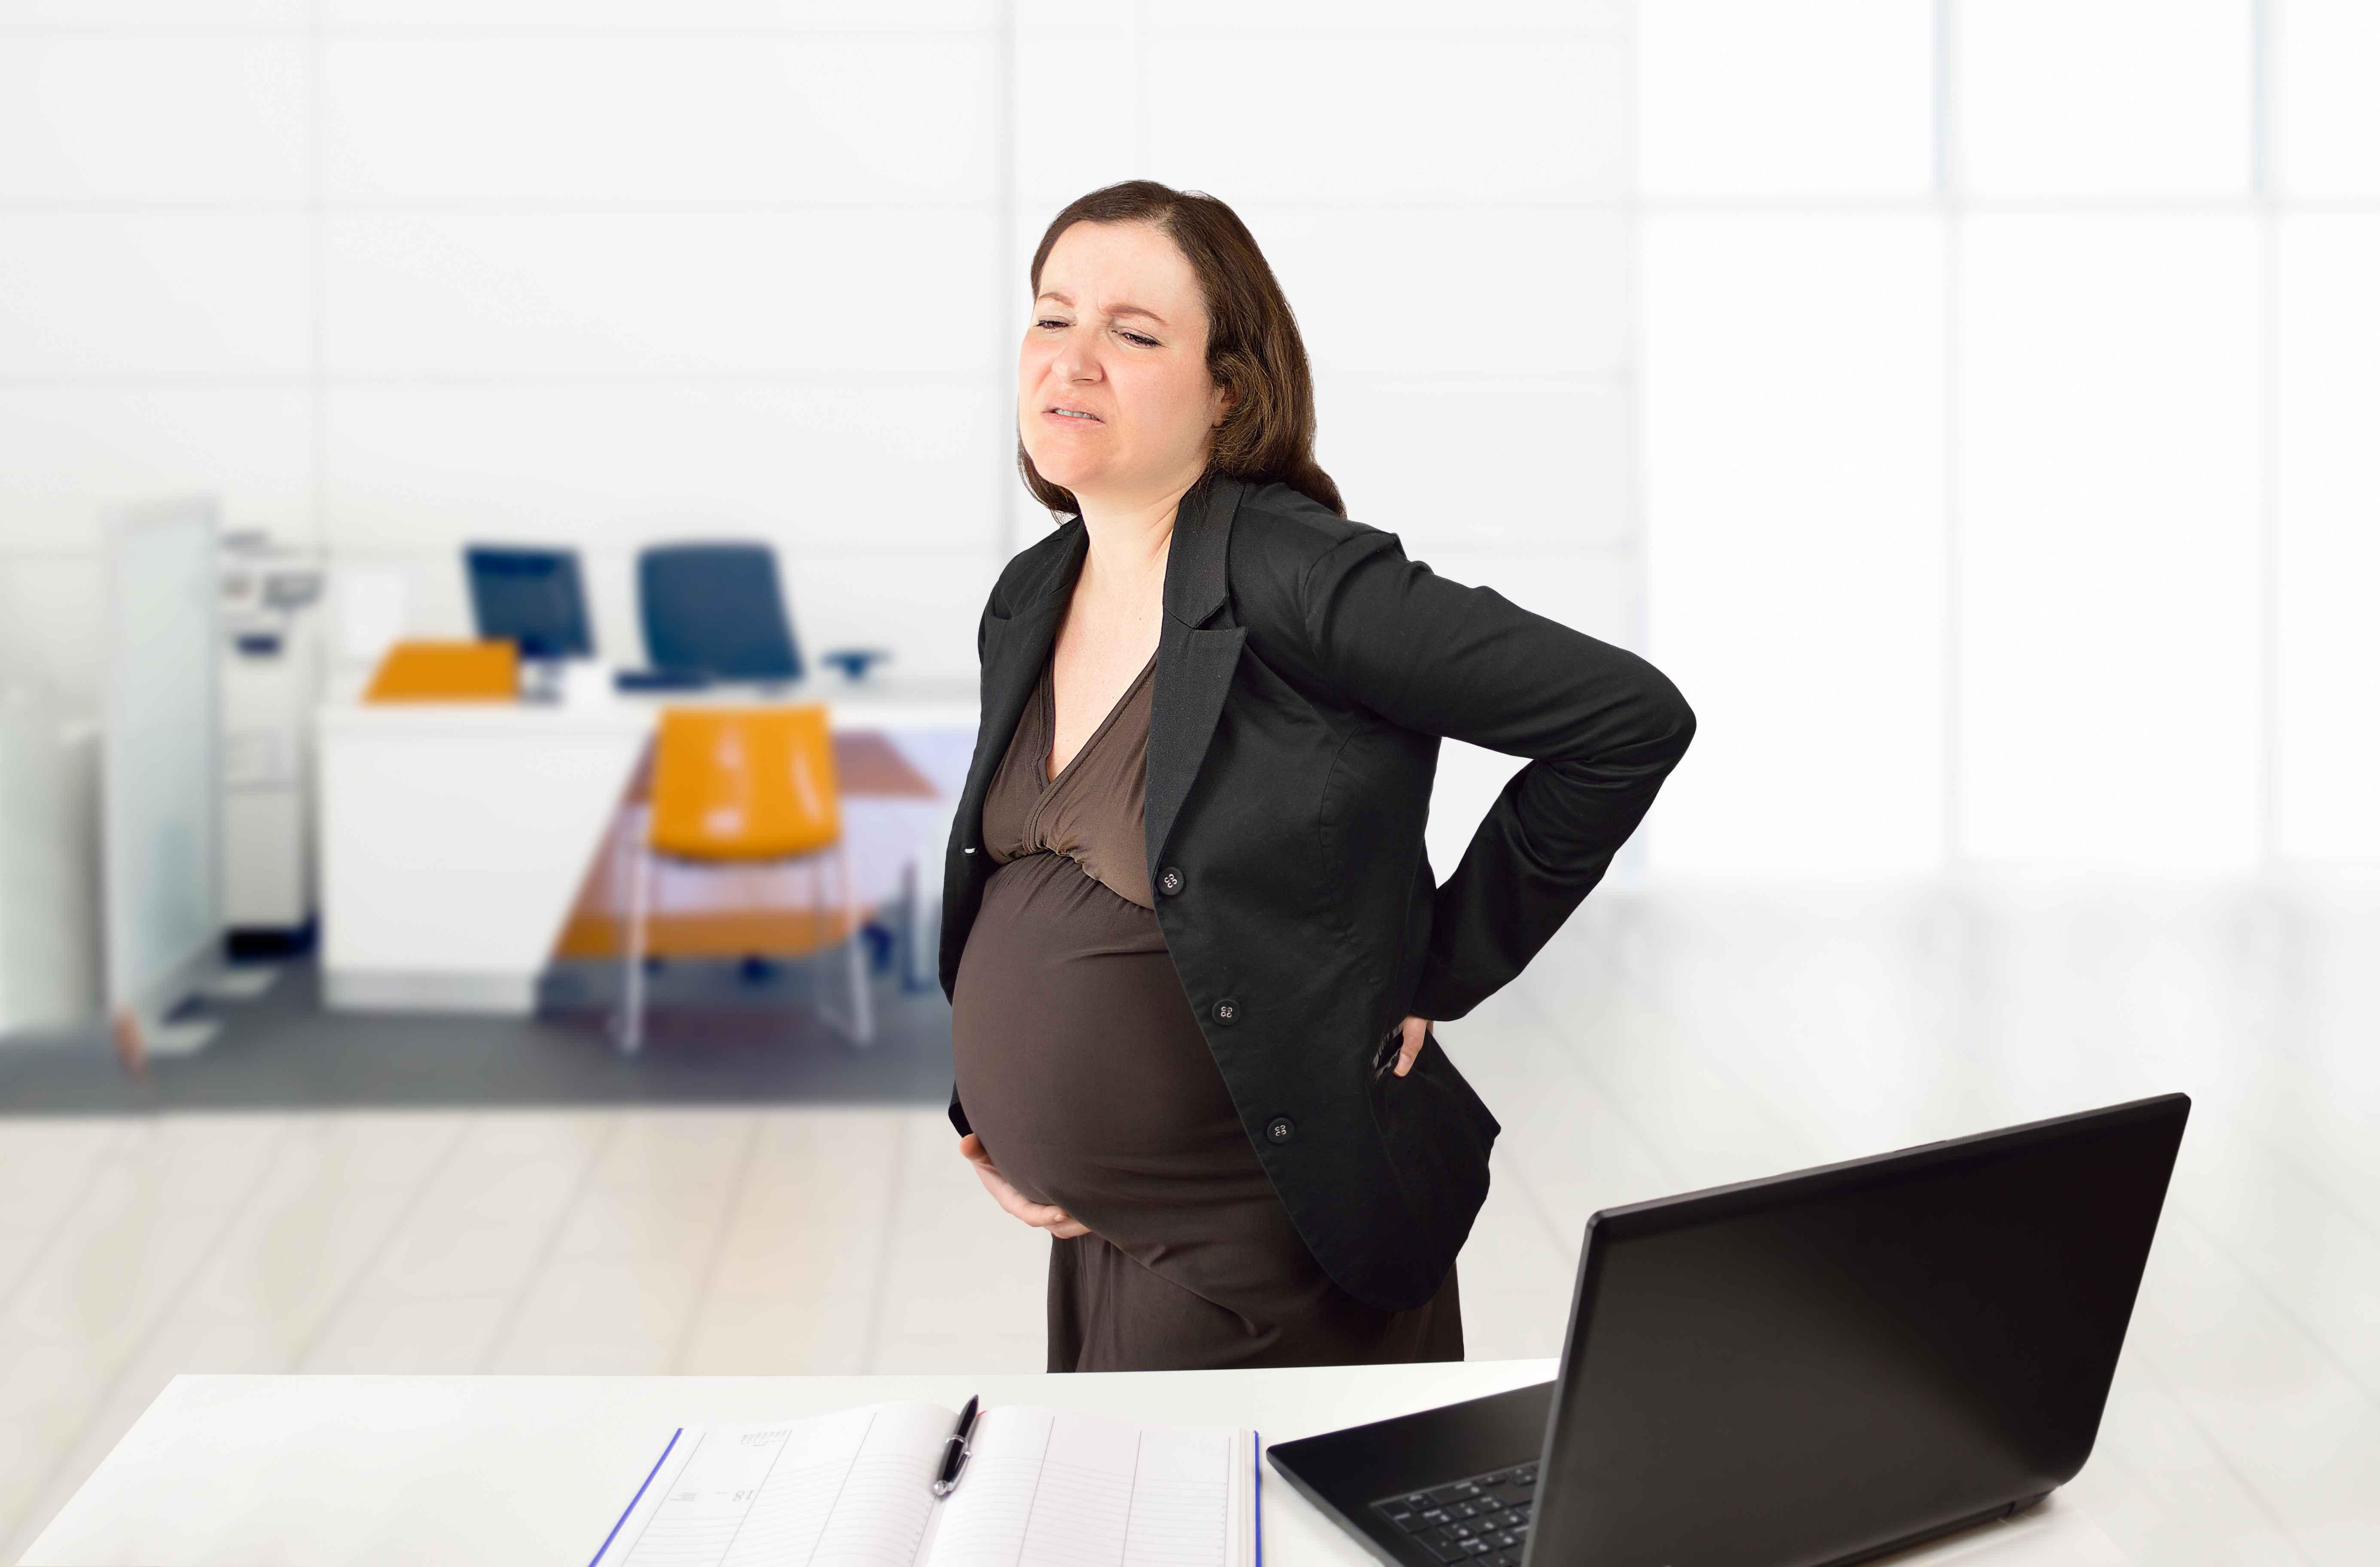 怀孕后这些动作别在做了,严重者还会导致流产!